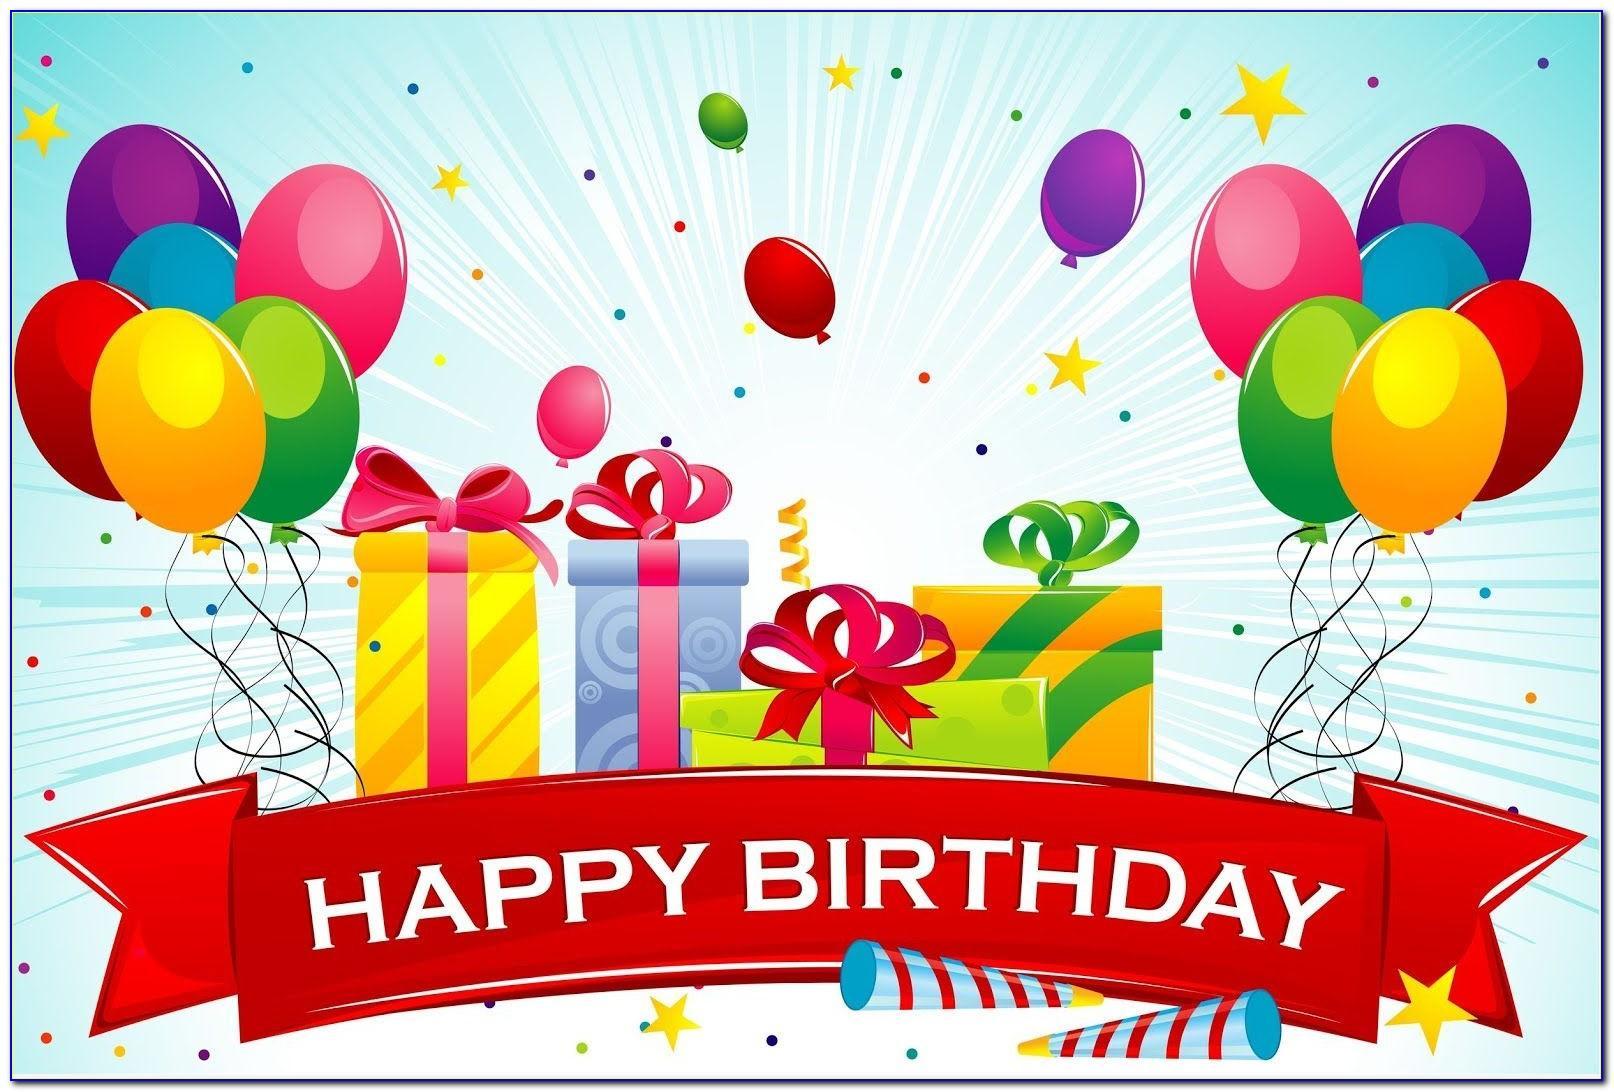 Happy Birthday Card Ecard Free